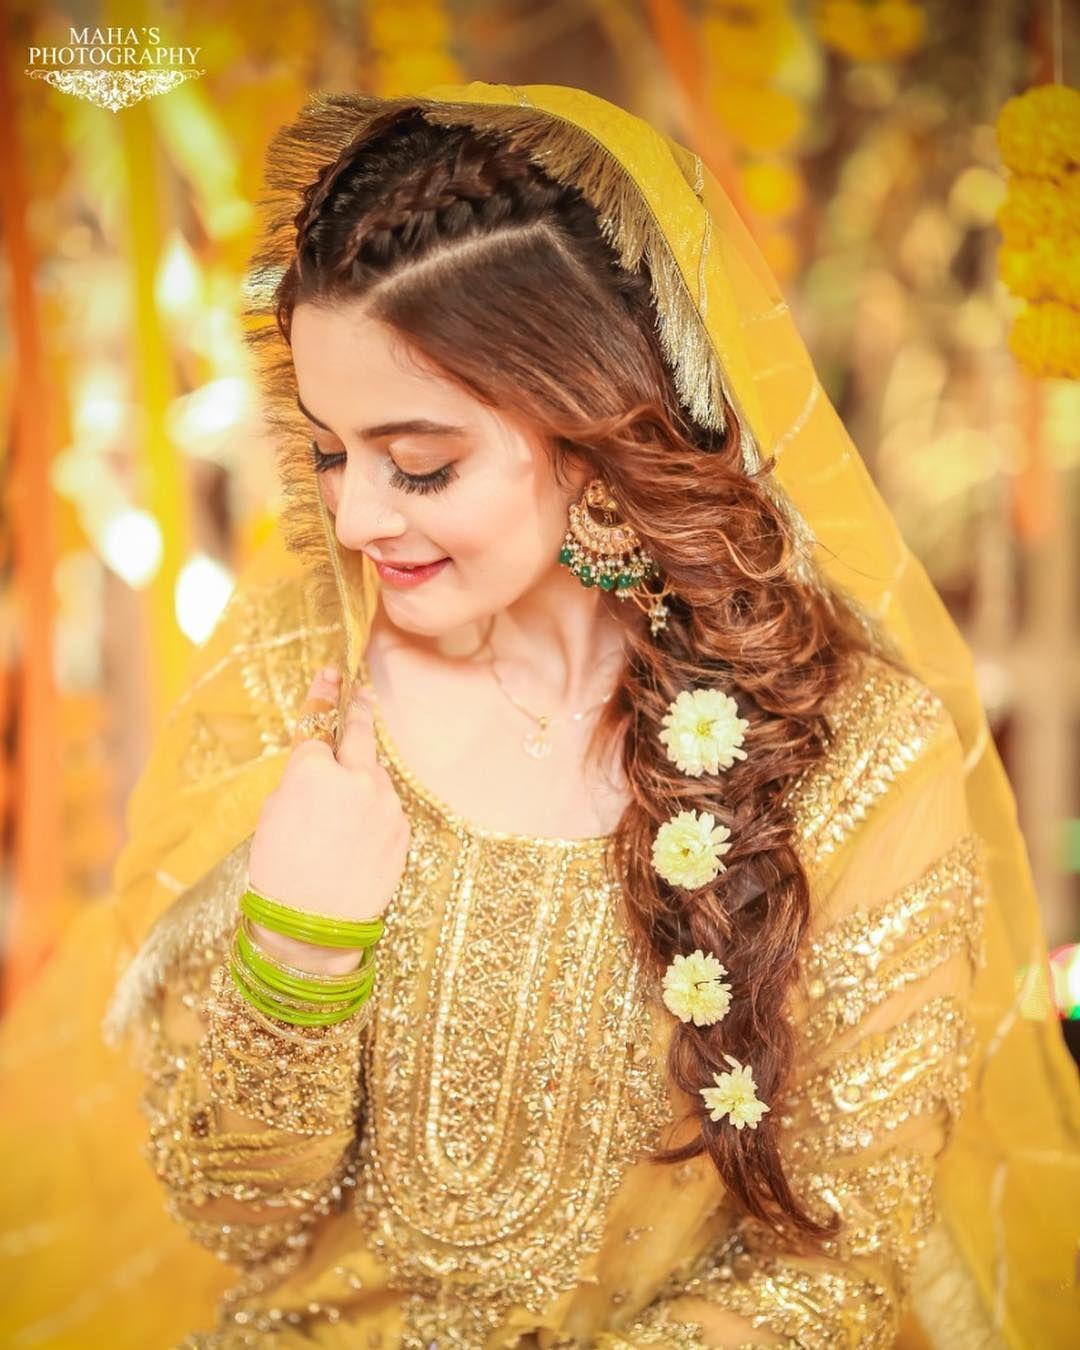 زندگی🌸 | pakistani bridal dresses in 2019 | pakistani